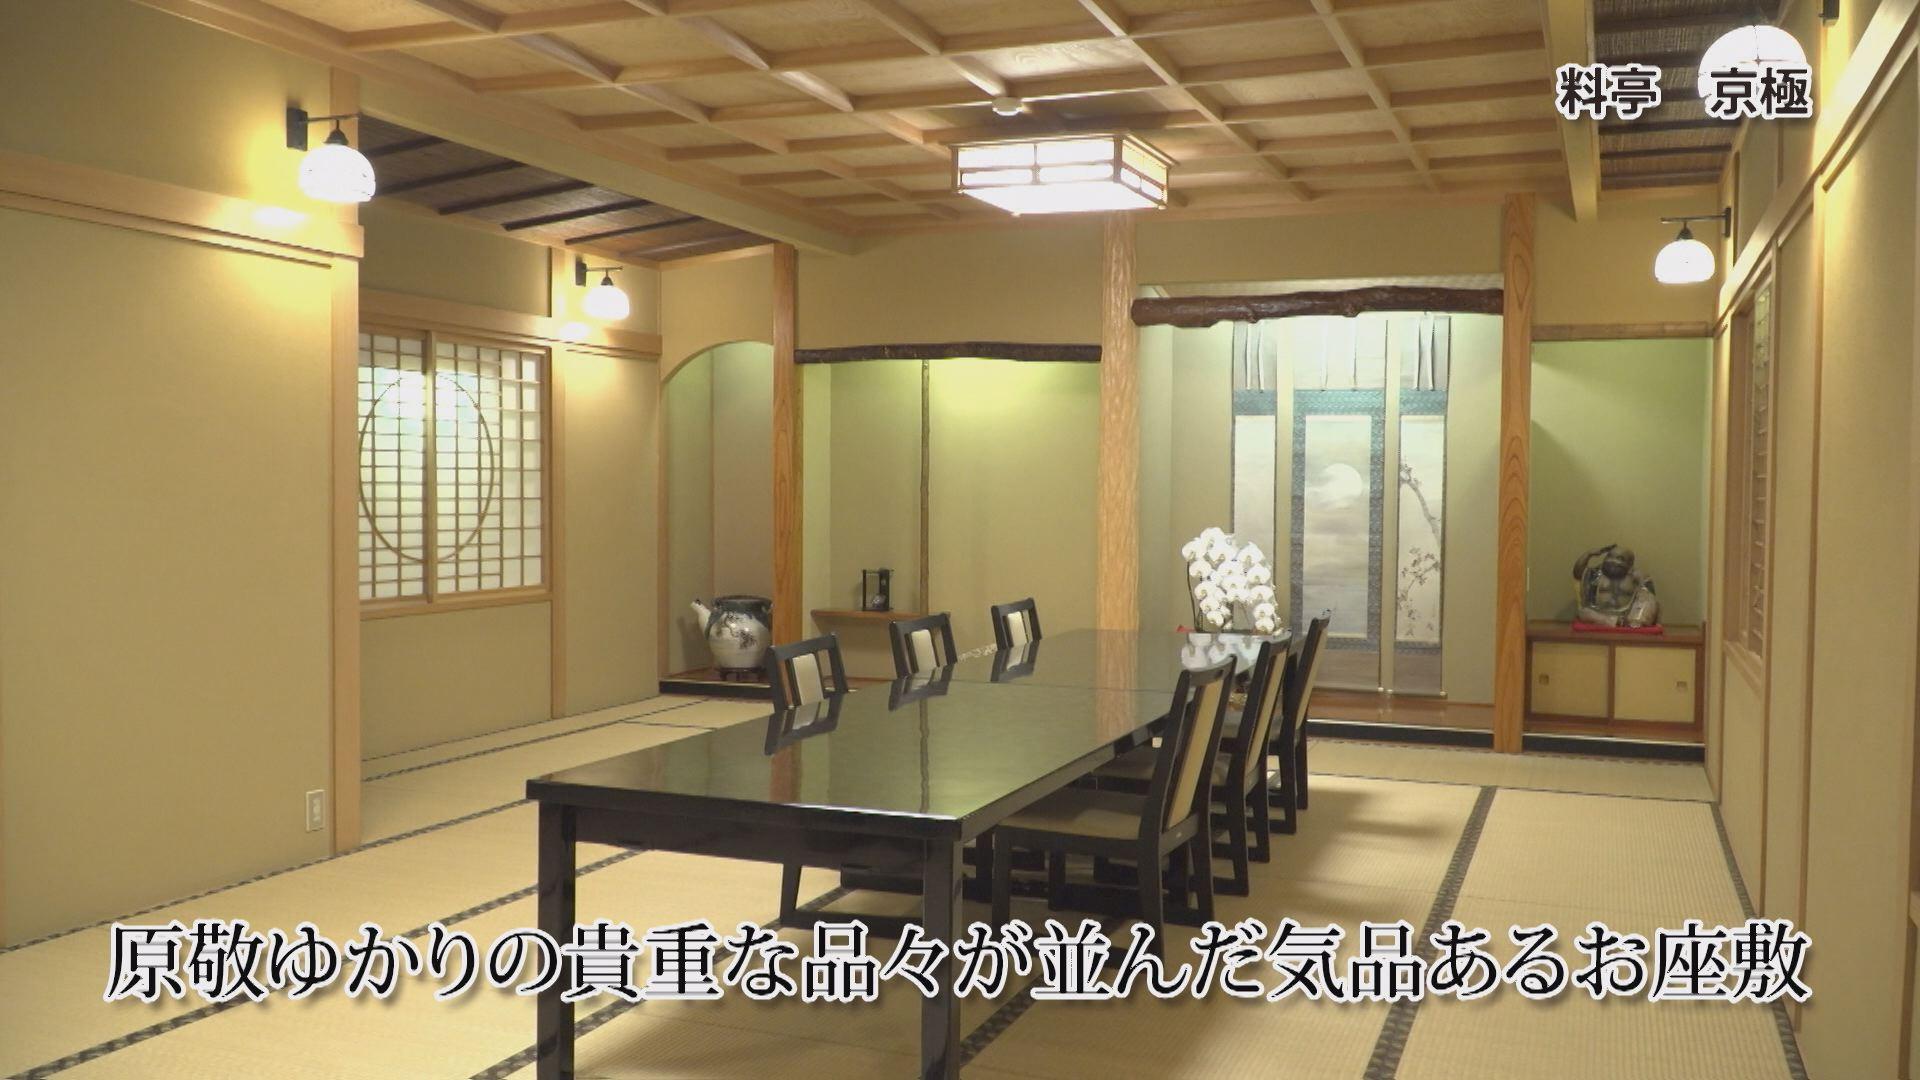 ケヤキに漆を施した廊下や昭和初期の面影を残す大広間などが、この料亭の経てきた時間を物語る。